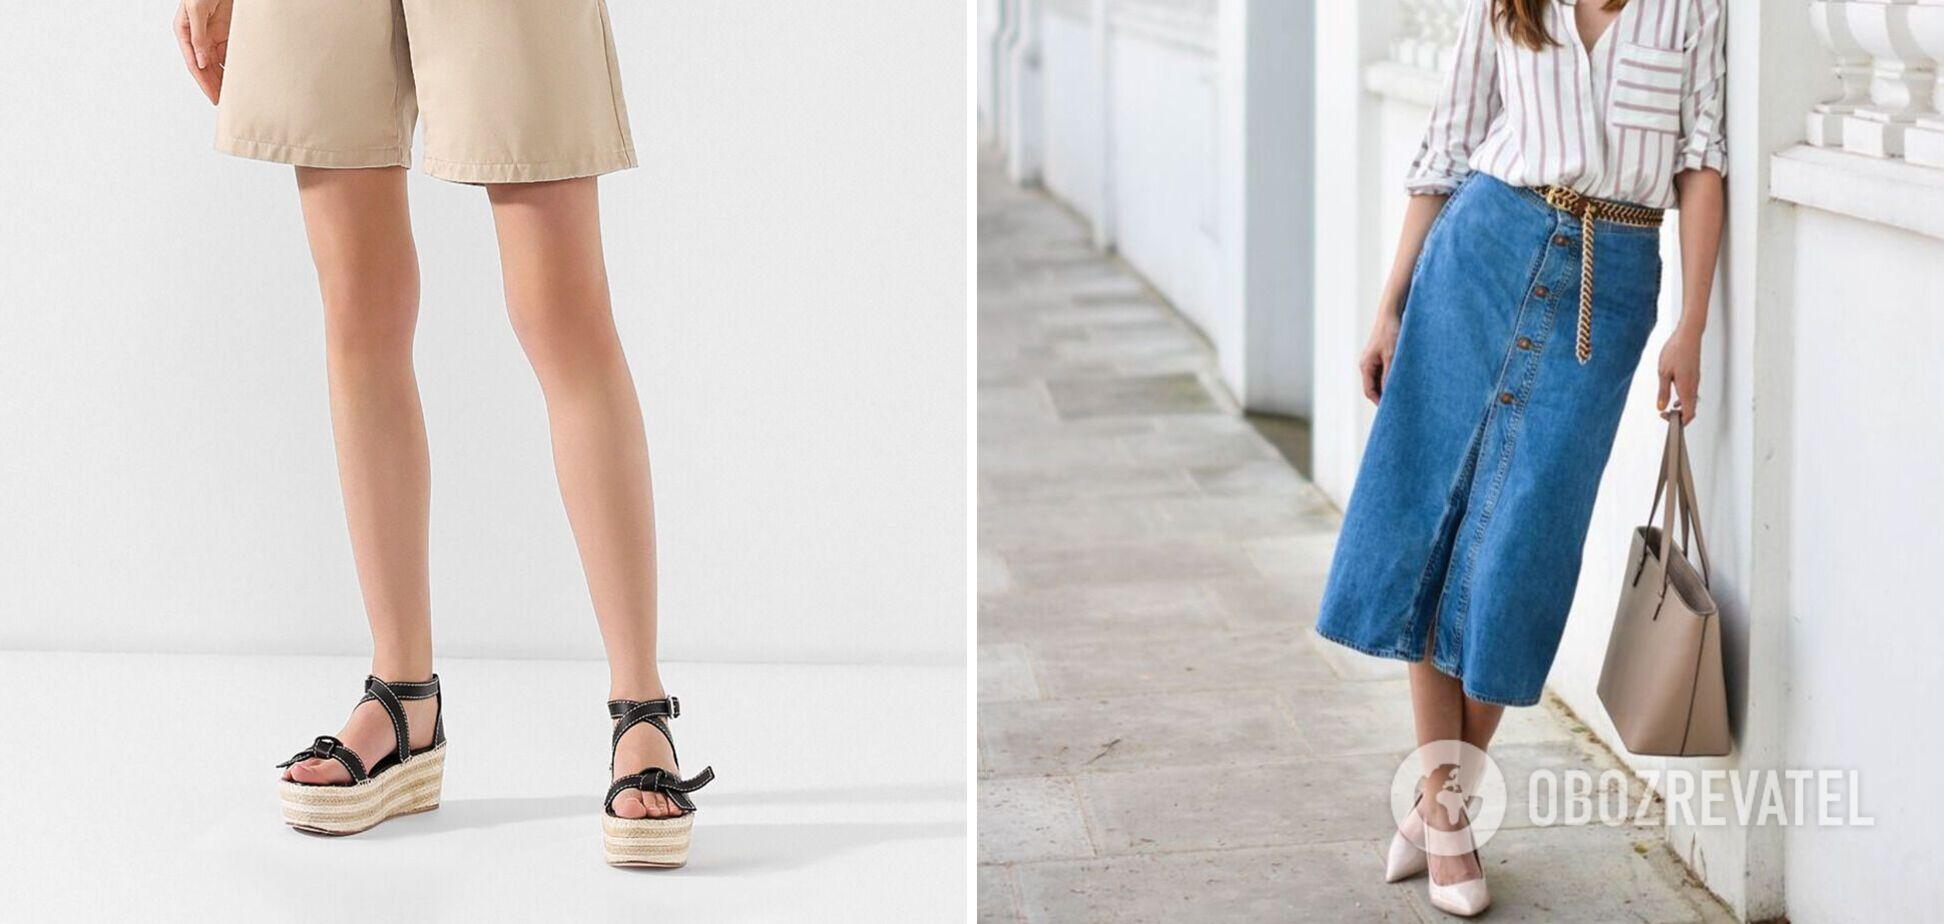 Сандалі та джинсові спідниці названо головною покупкою в цьому сезоні